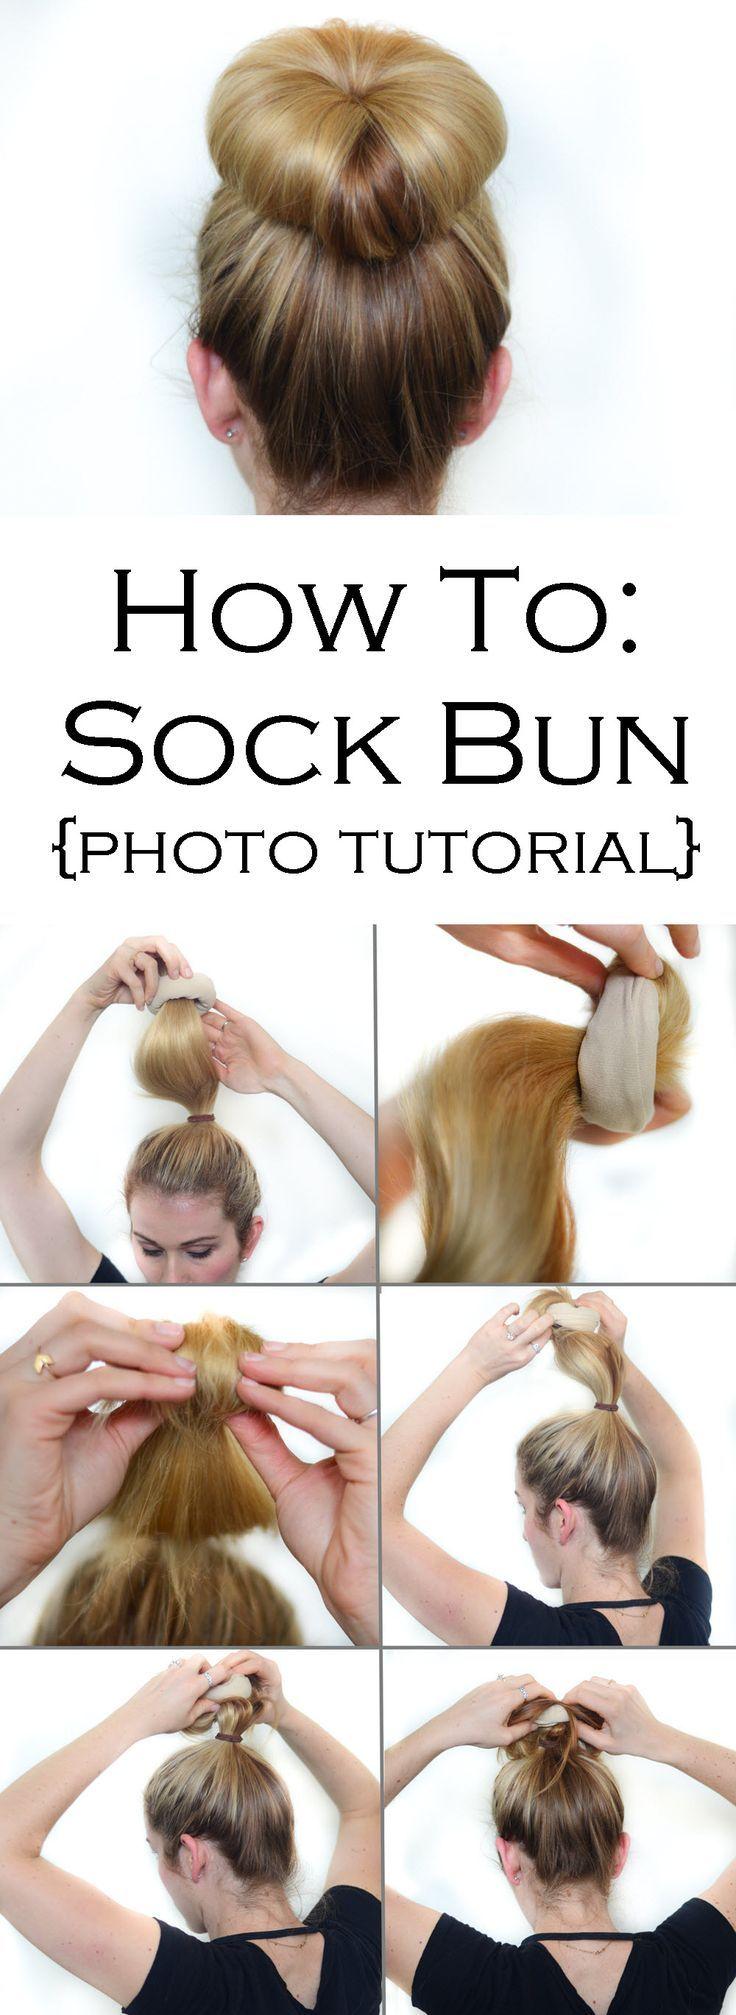 Sock Bun Photo Tutorial